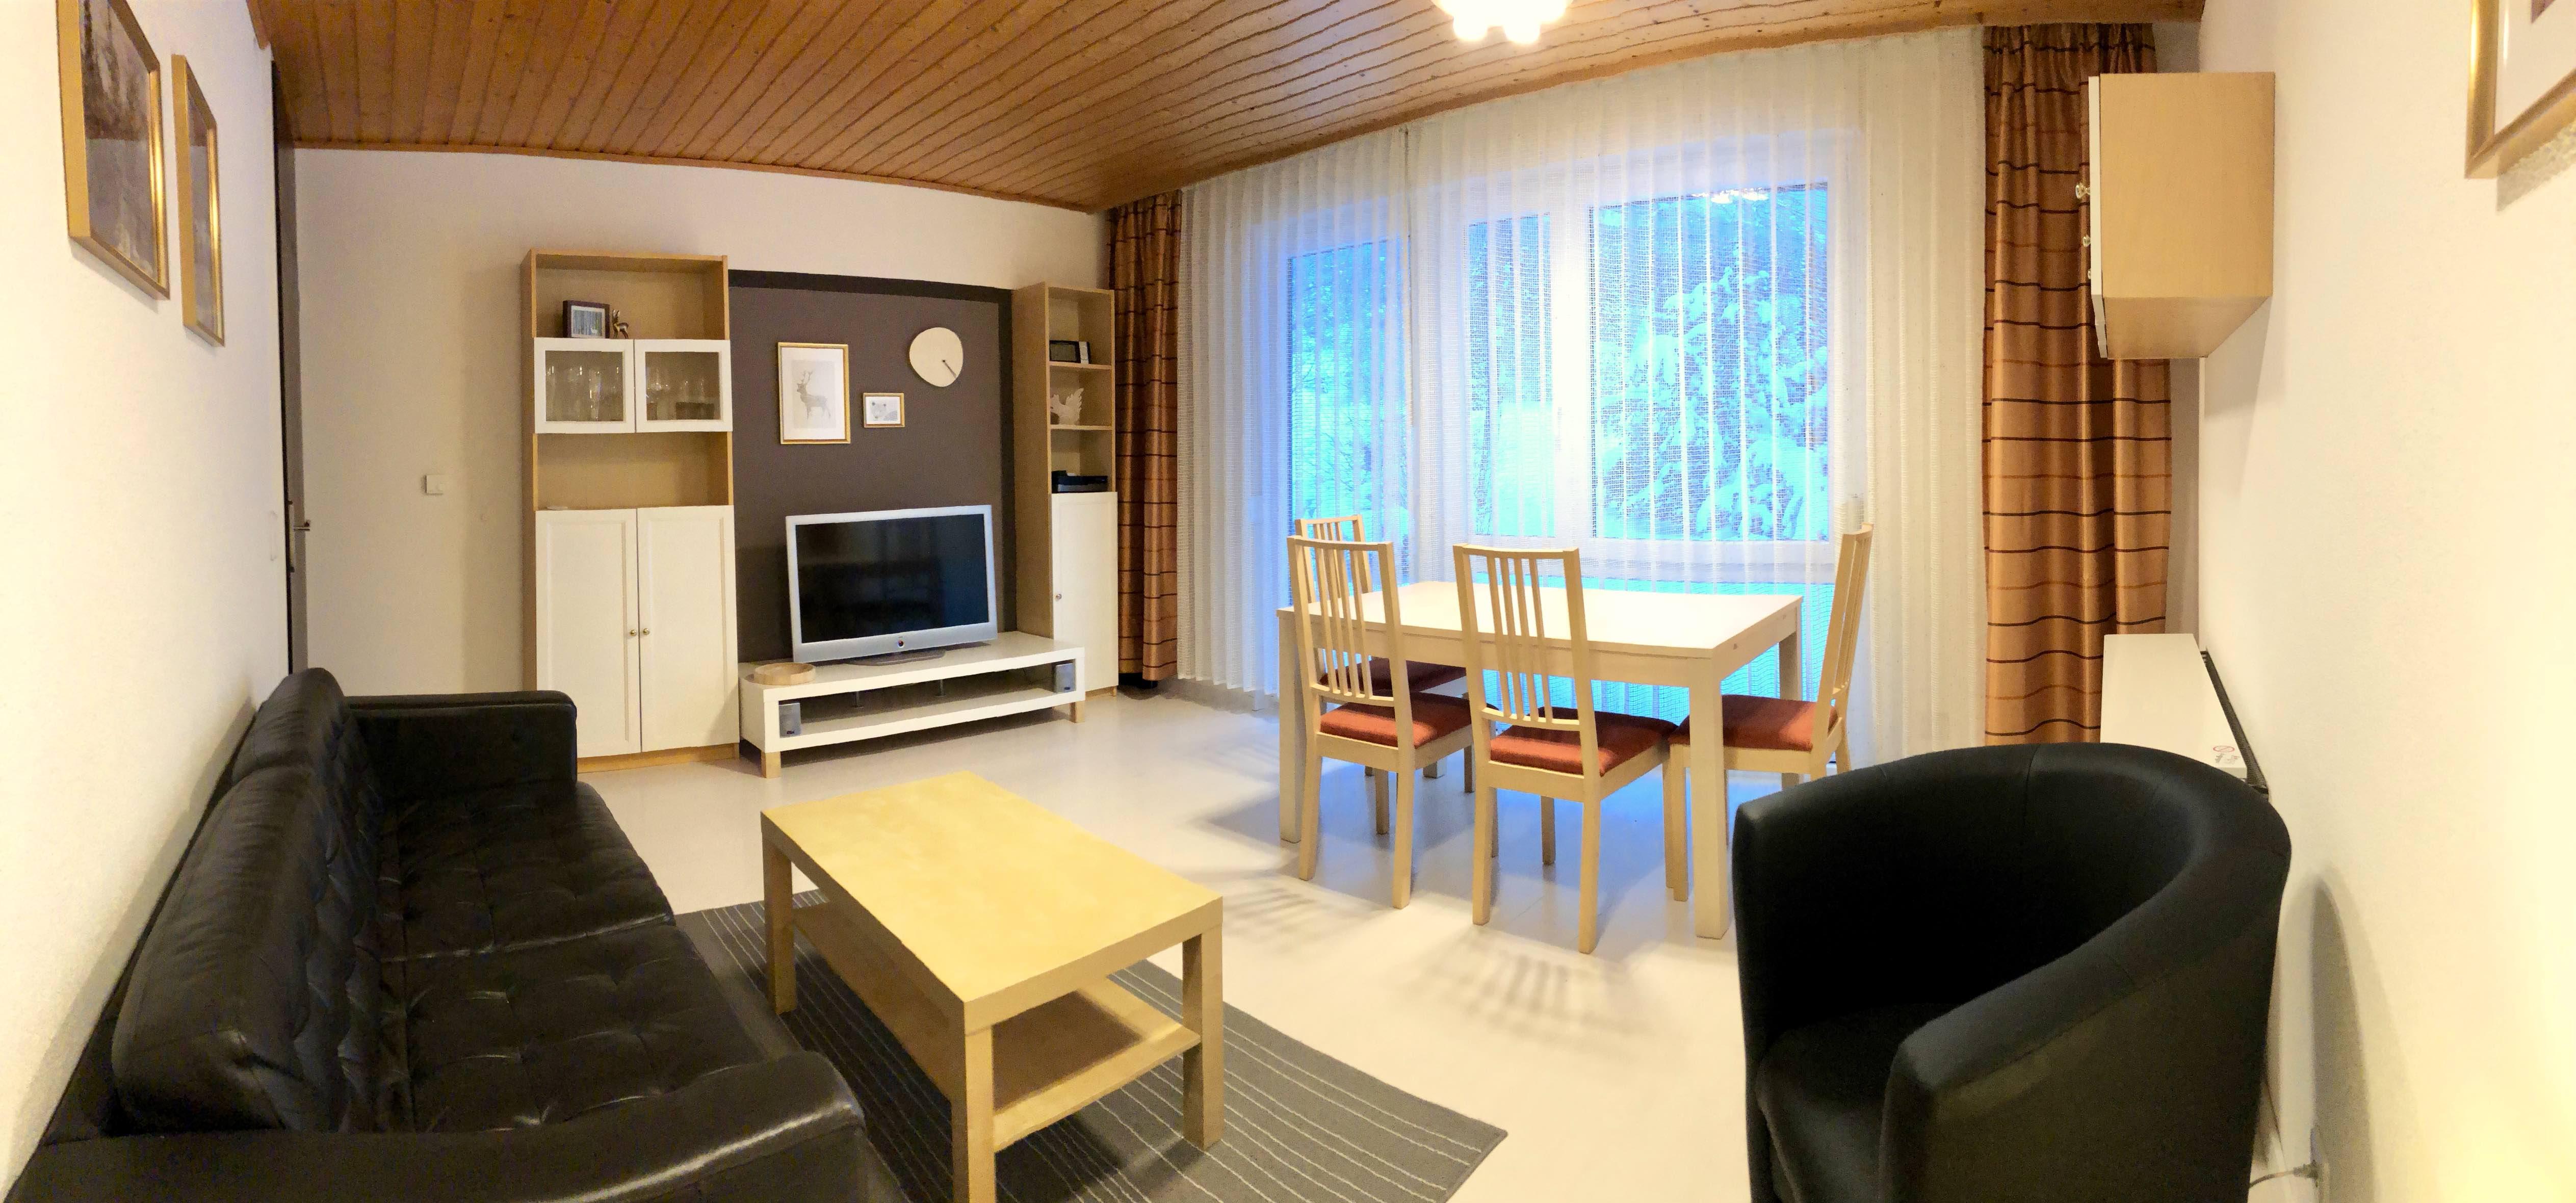 Wohnzimmer:Panoramaansicht des Wohn- und Esszimmer